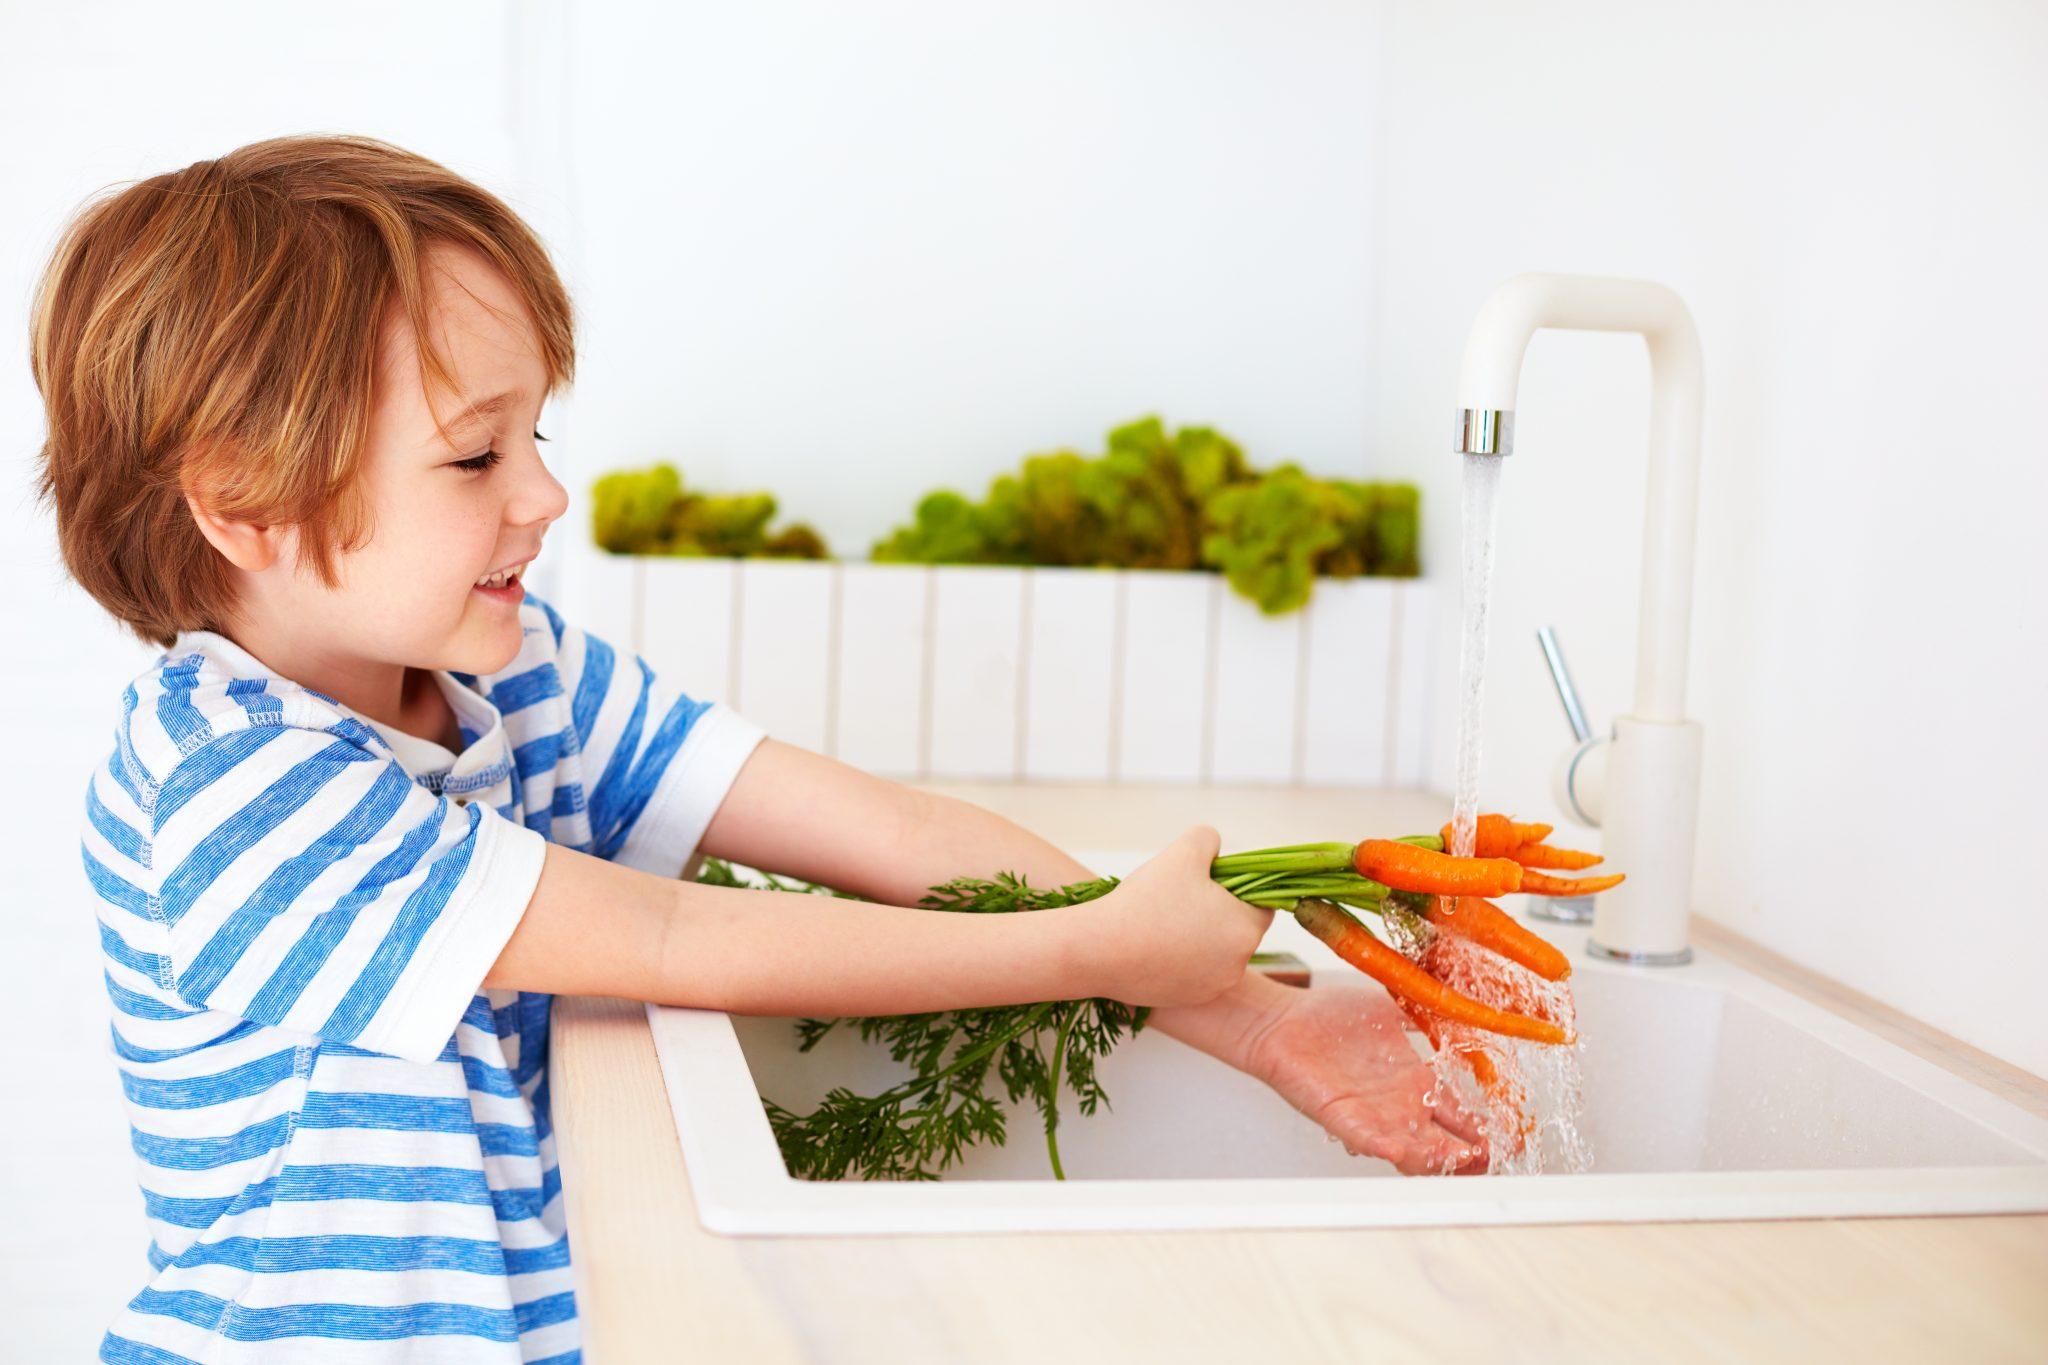 ニンジンを洗う子供